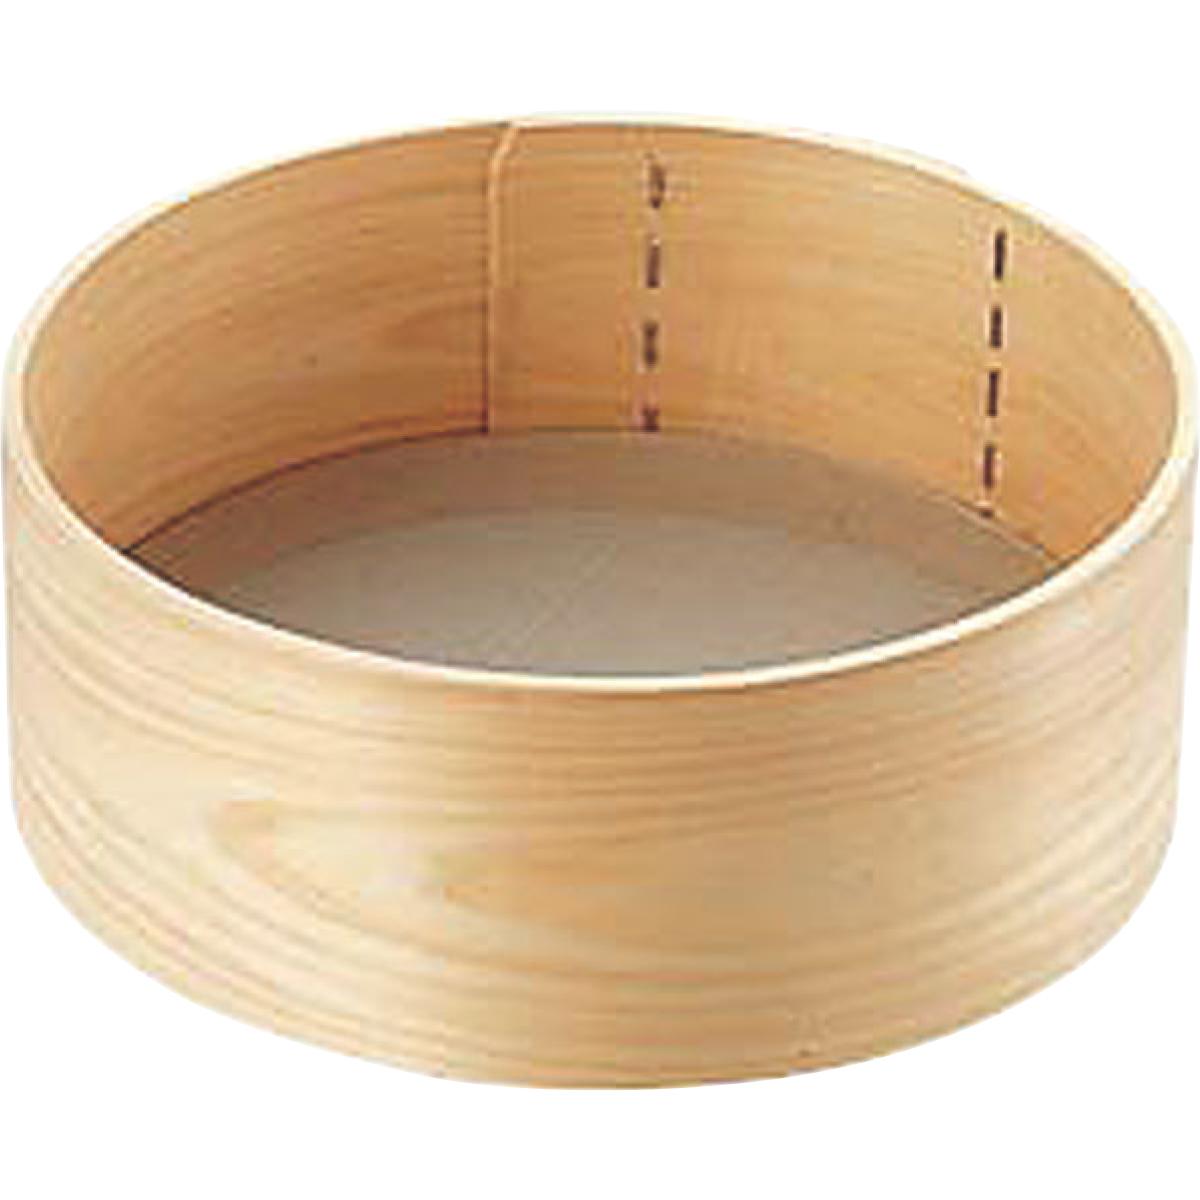 裏ごし器 裏ごし うらごし 濾し器 こしき 木枠 日本製 8寸 ナイロン 木枠ST張り粉フルイ 燕三条 業務用 送料0円 贈呈